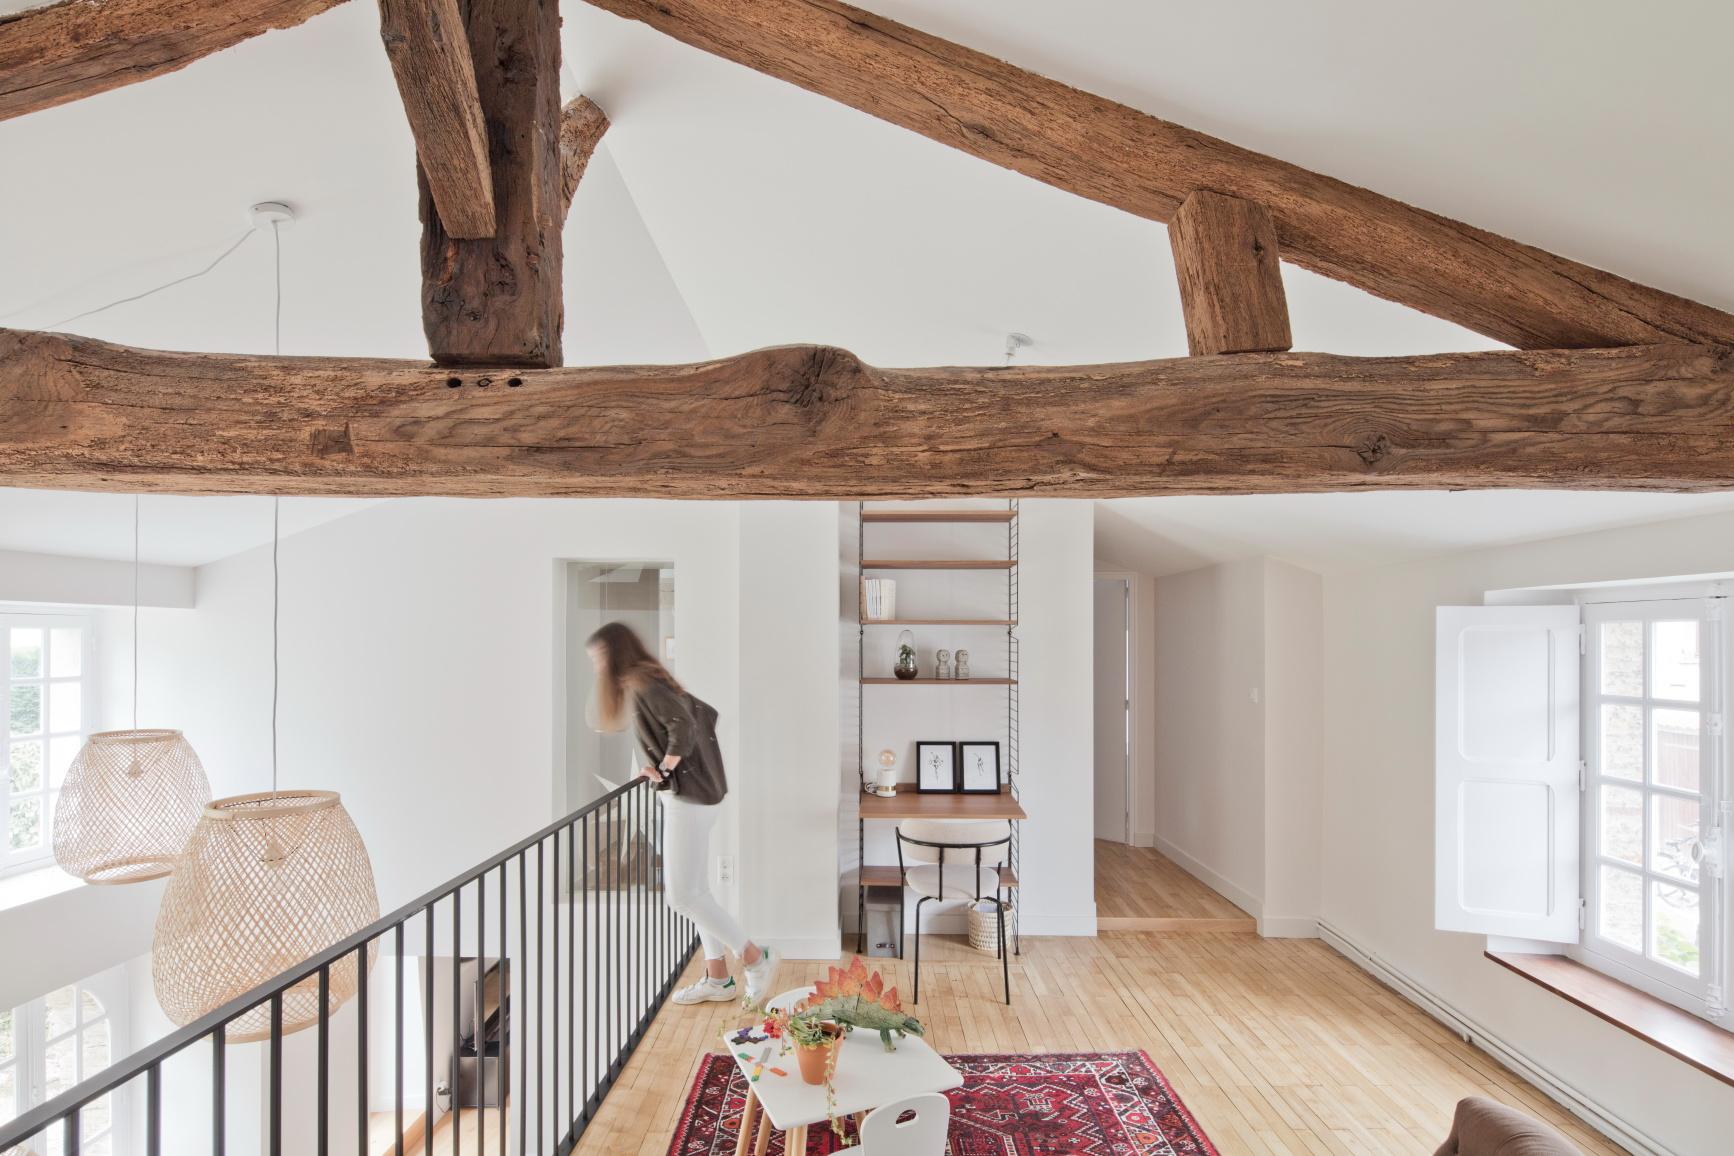 Réhabilitation d'une maison par une agence d'architecture, avec des poutres anciennes apparentes et un garde corps en fer noir